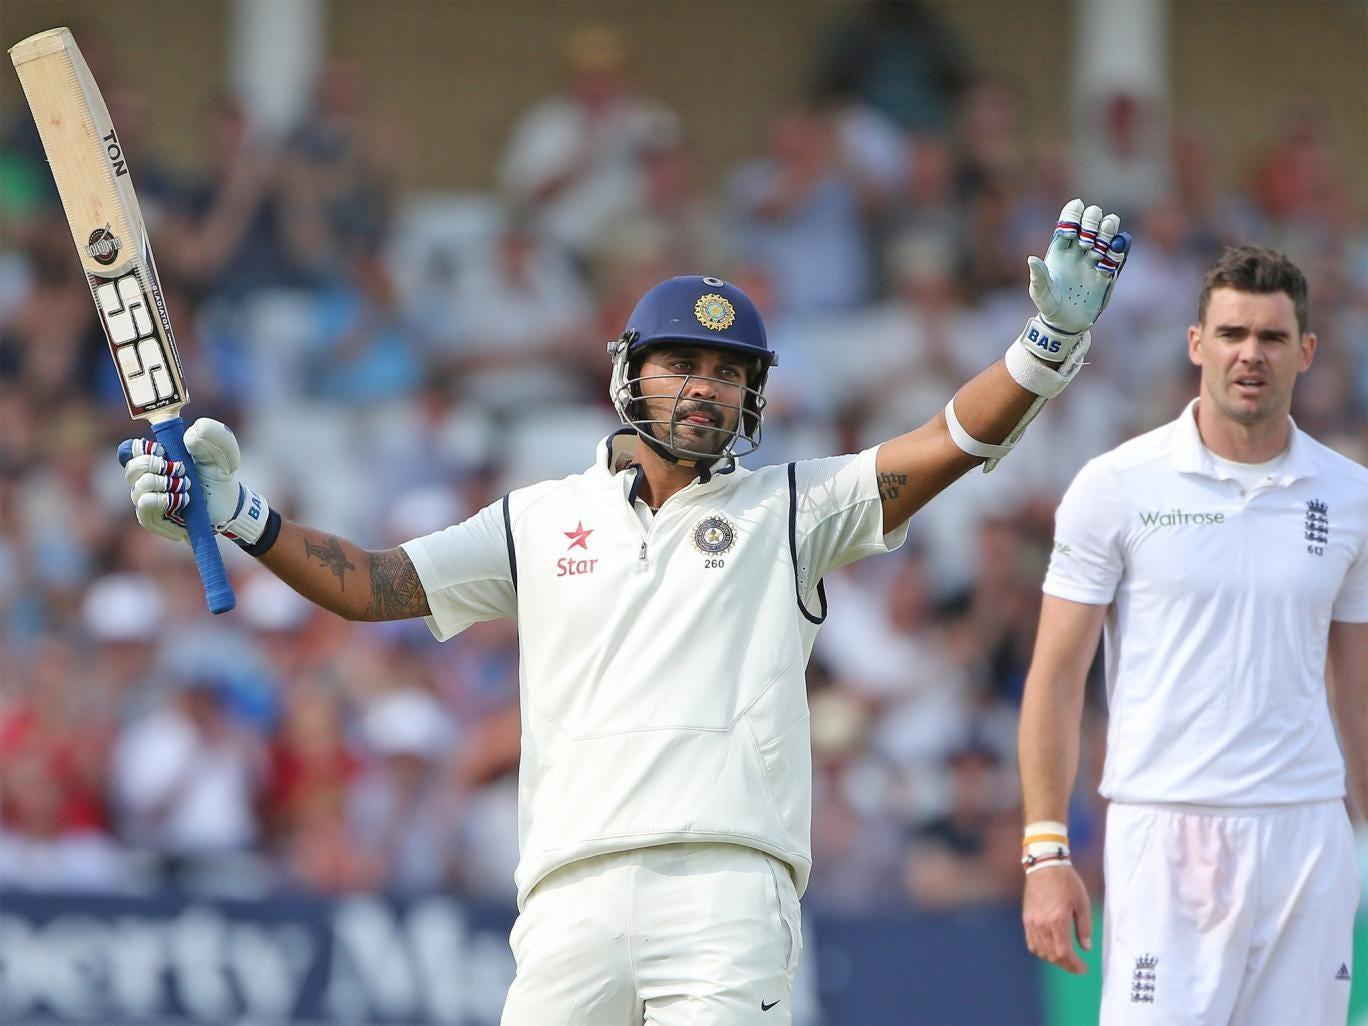 Murali Vijay raises his bat after reaching his century at Trent Bridge